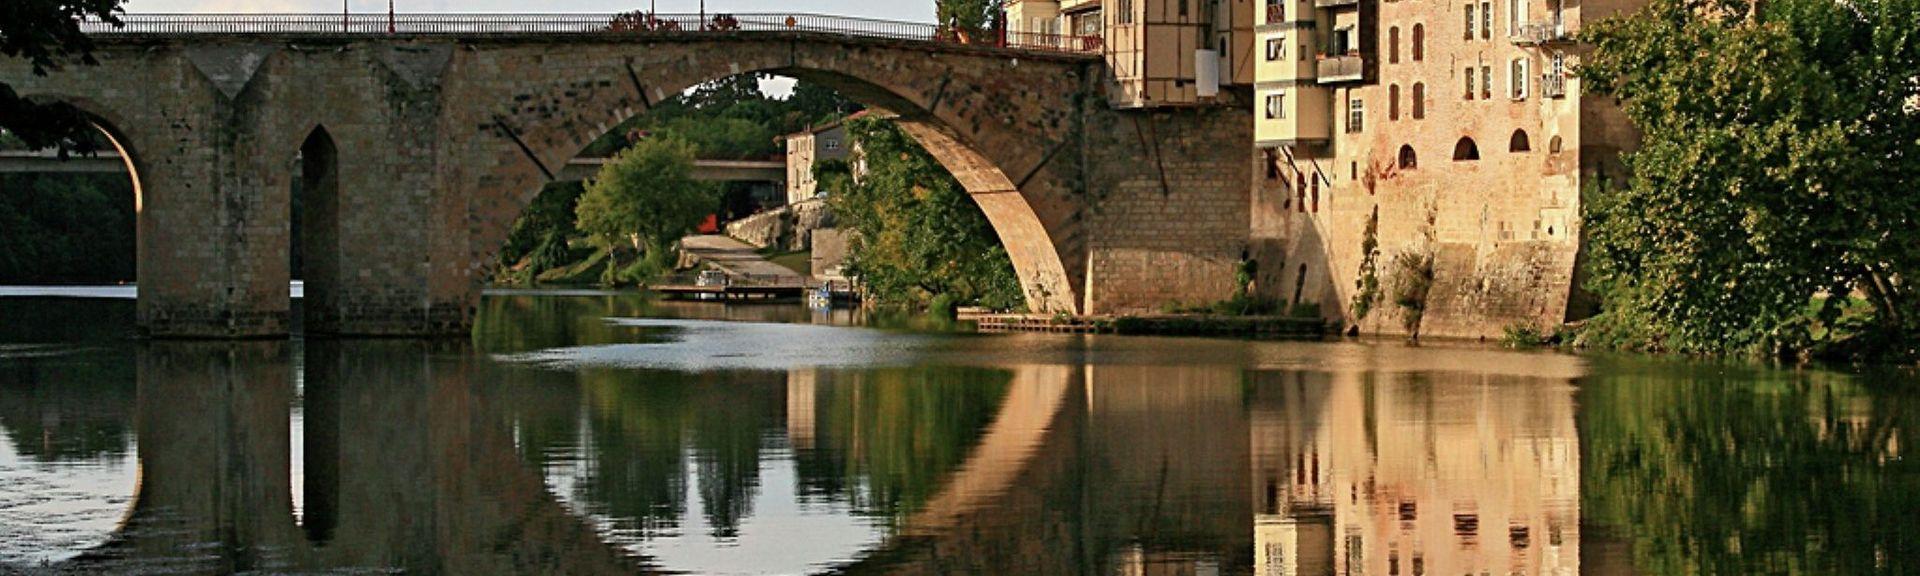 Bardigues, France